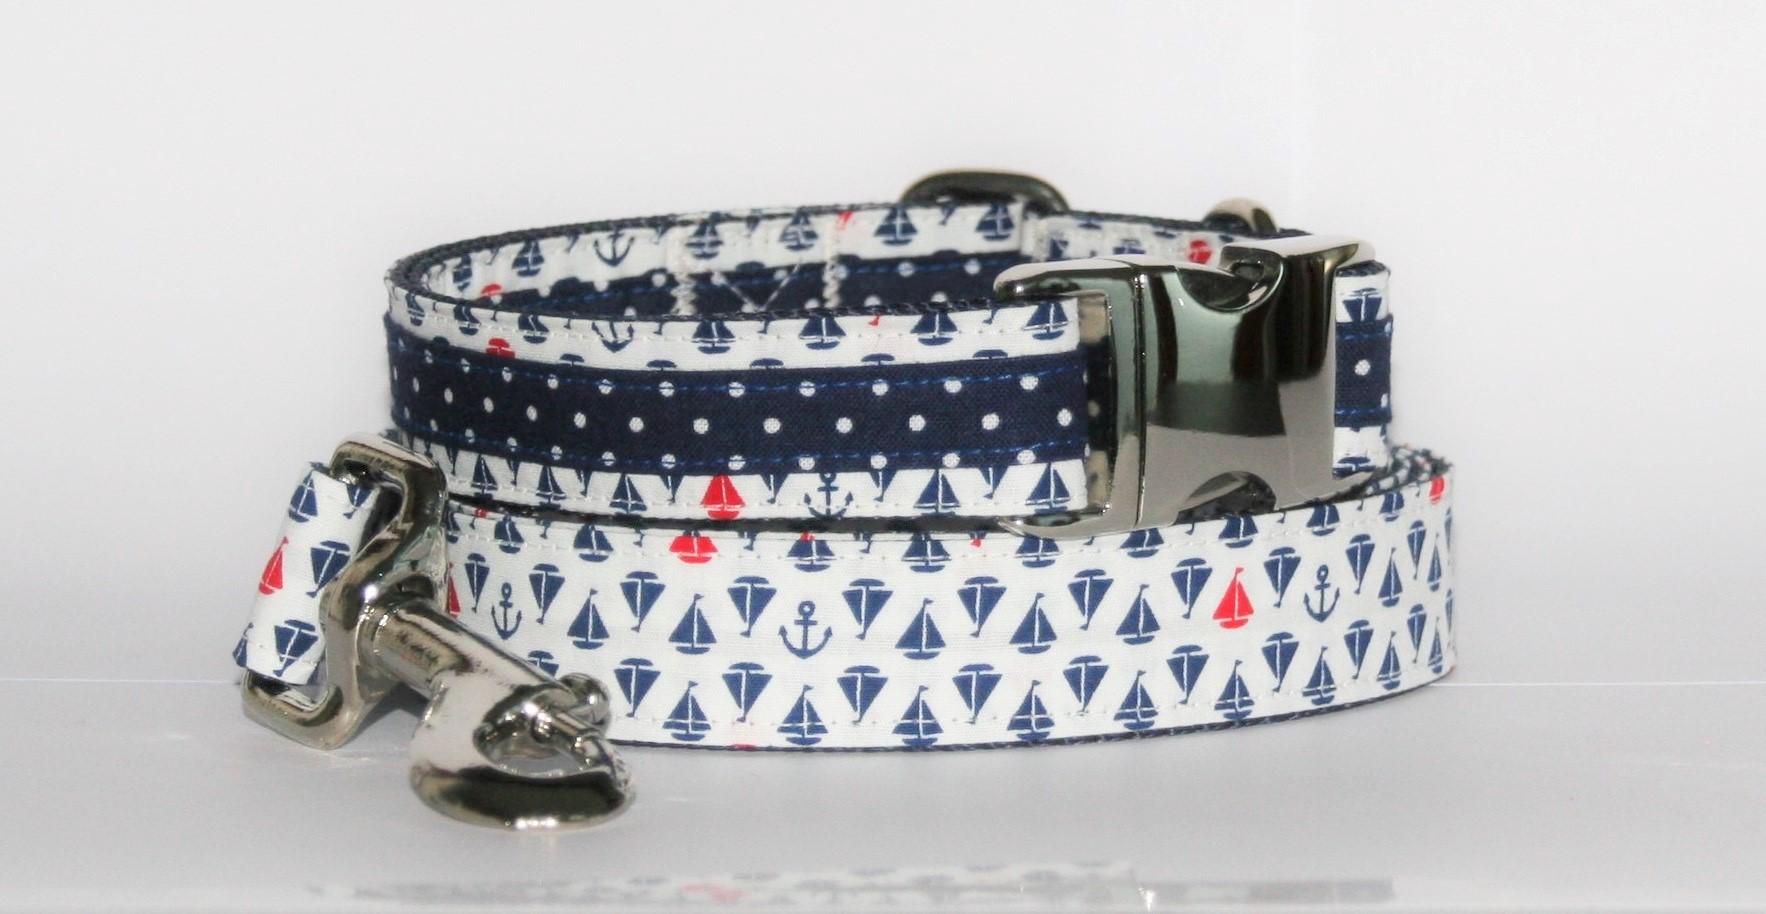 Hundehalsband und Hundeleine weiß-blau-rot Maritim als Set in unterschiedlichen Varianten erhältlich